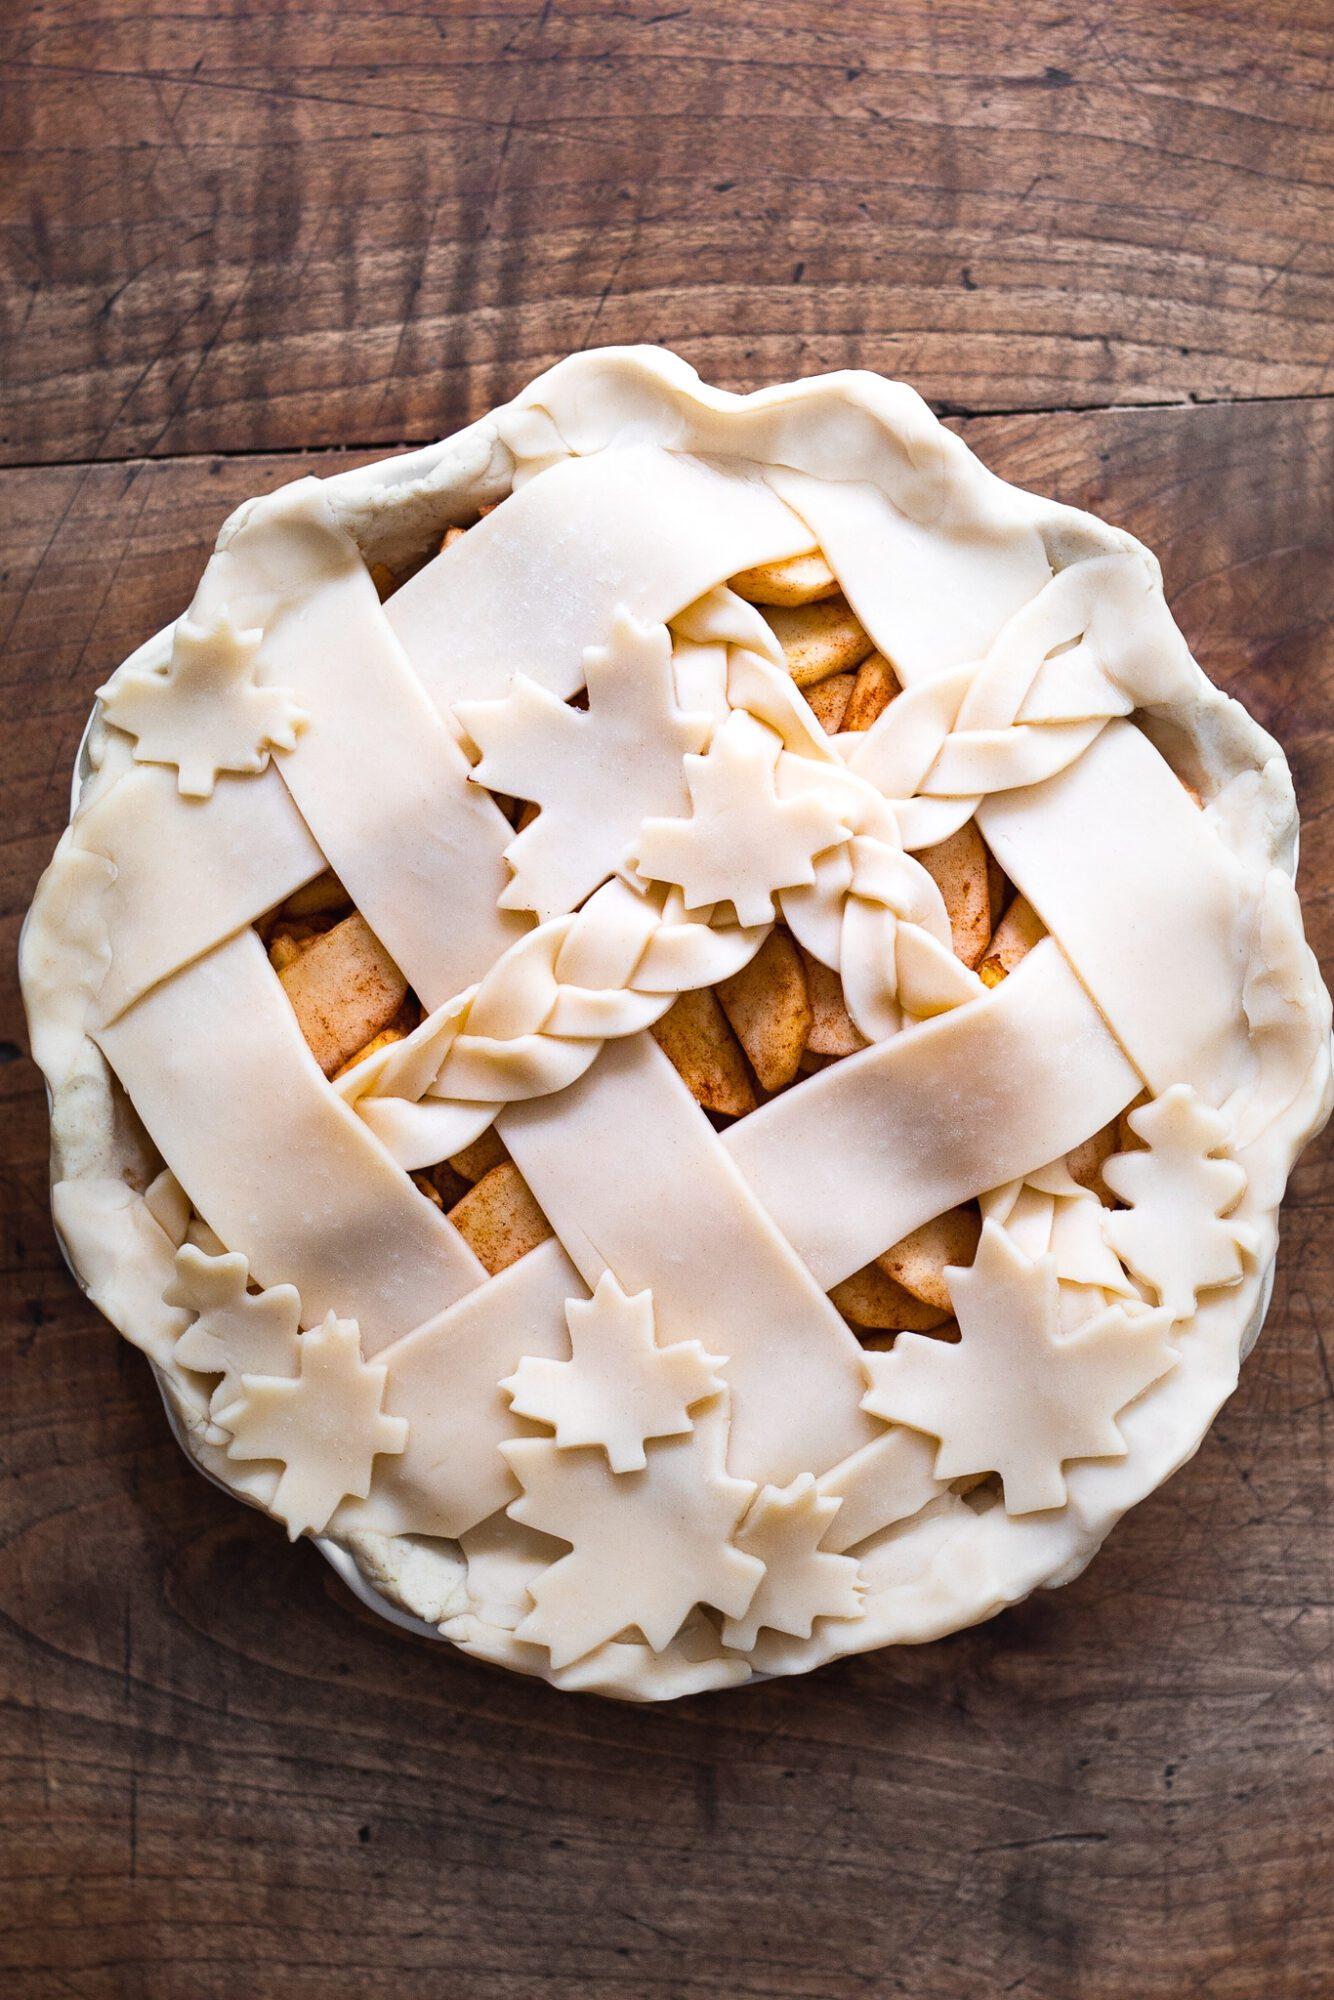 pie lattice before baking